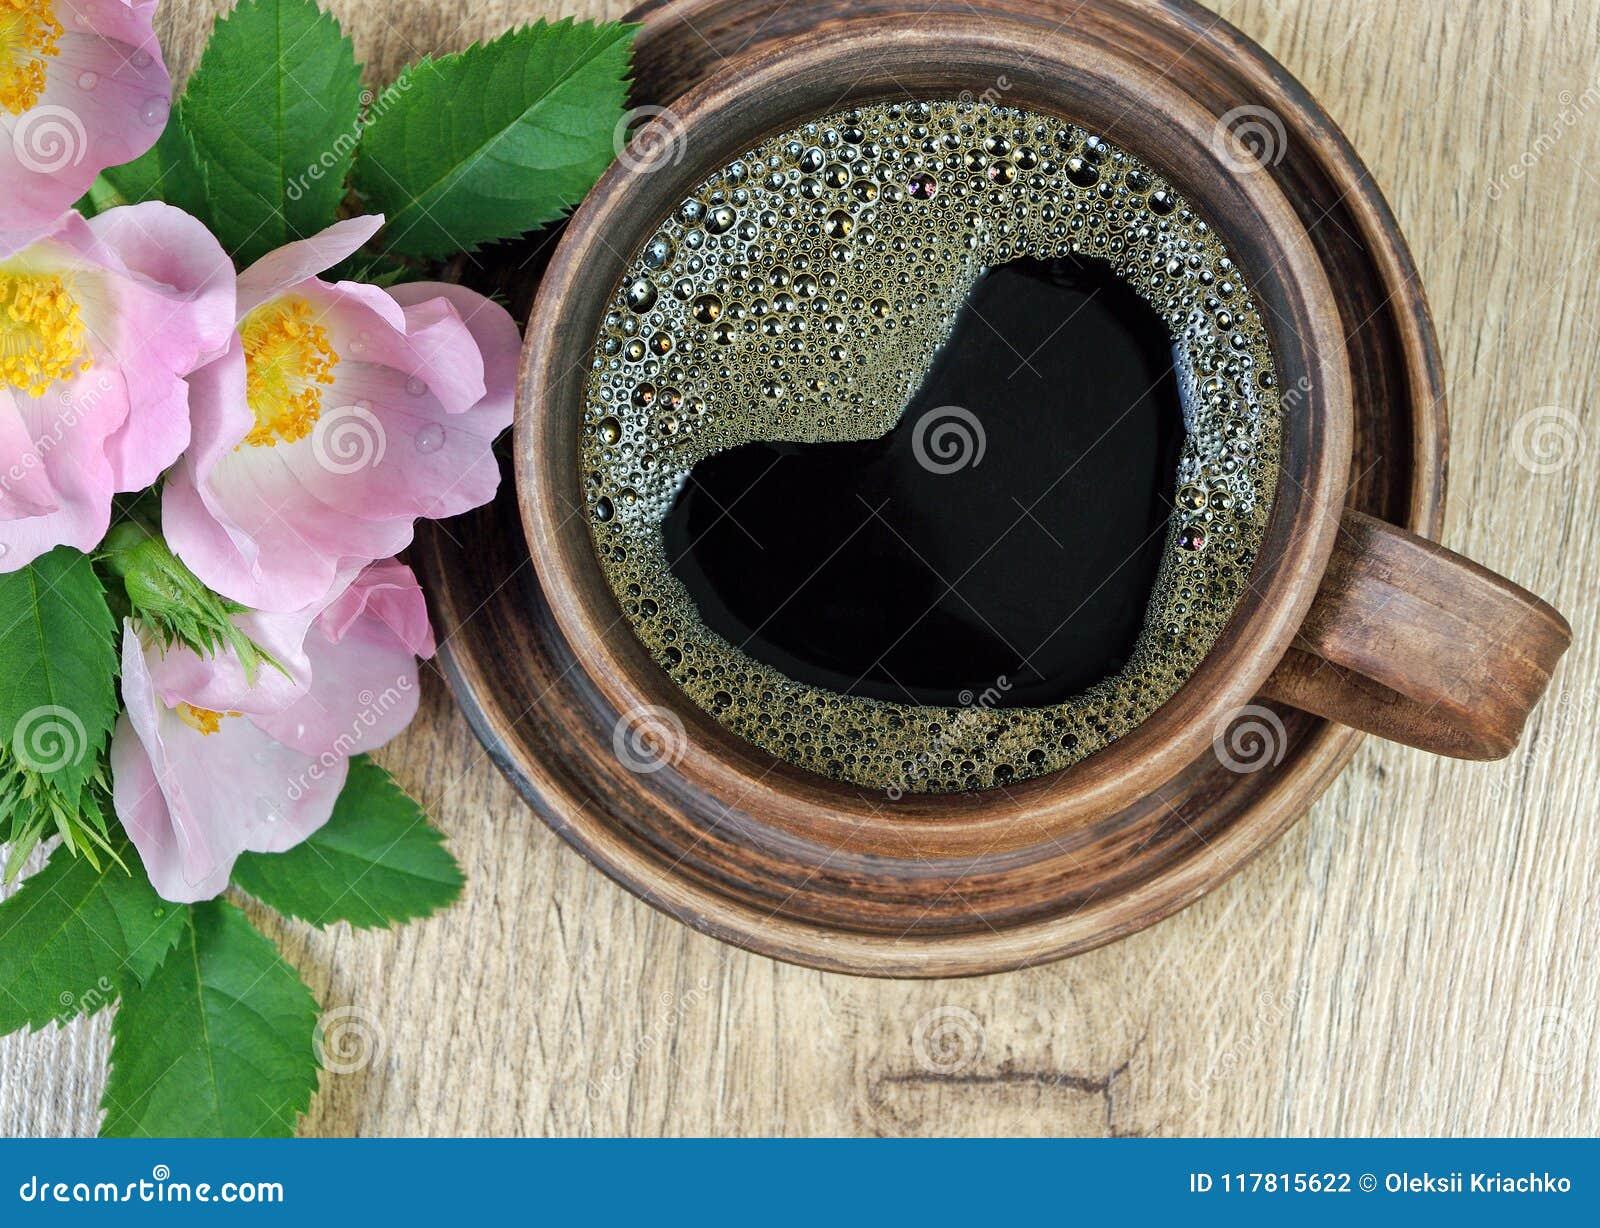 Guten Morgen Ein Tasse Kaffee Und Ein Rotes Wildes Stiegen Auf Einen